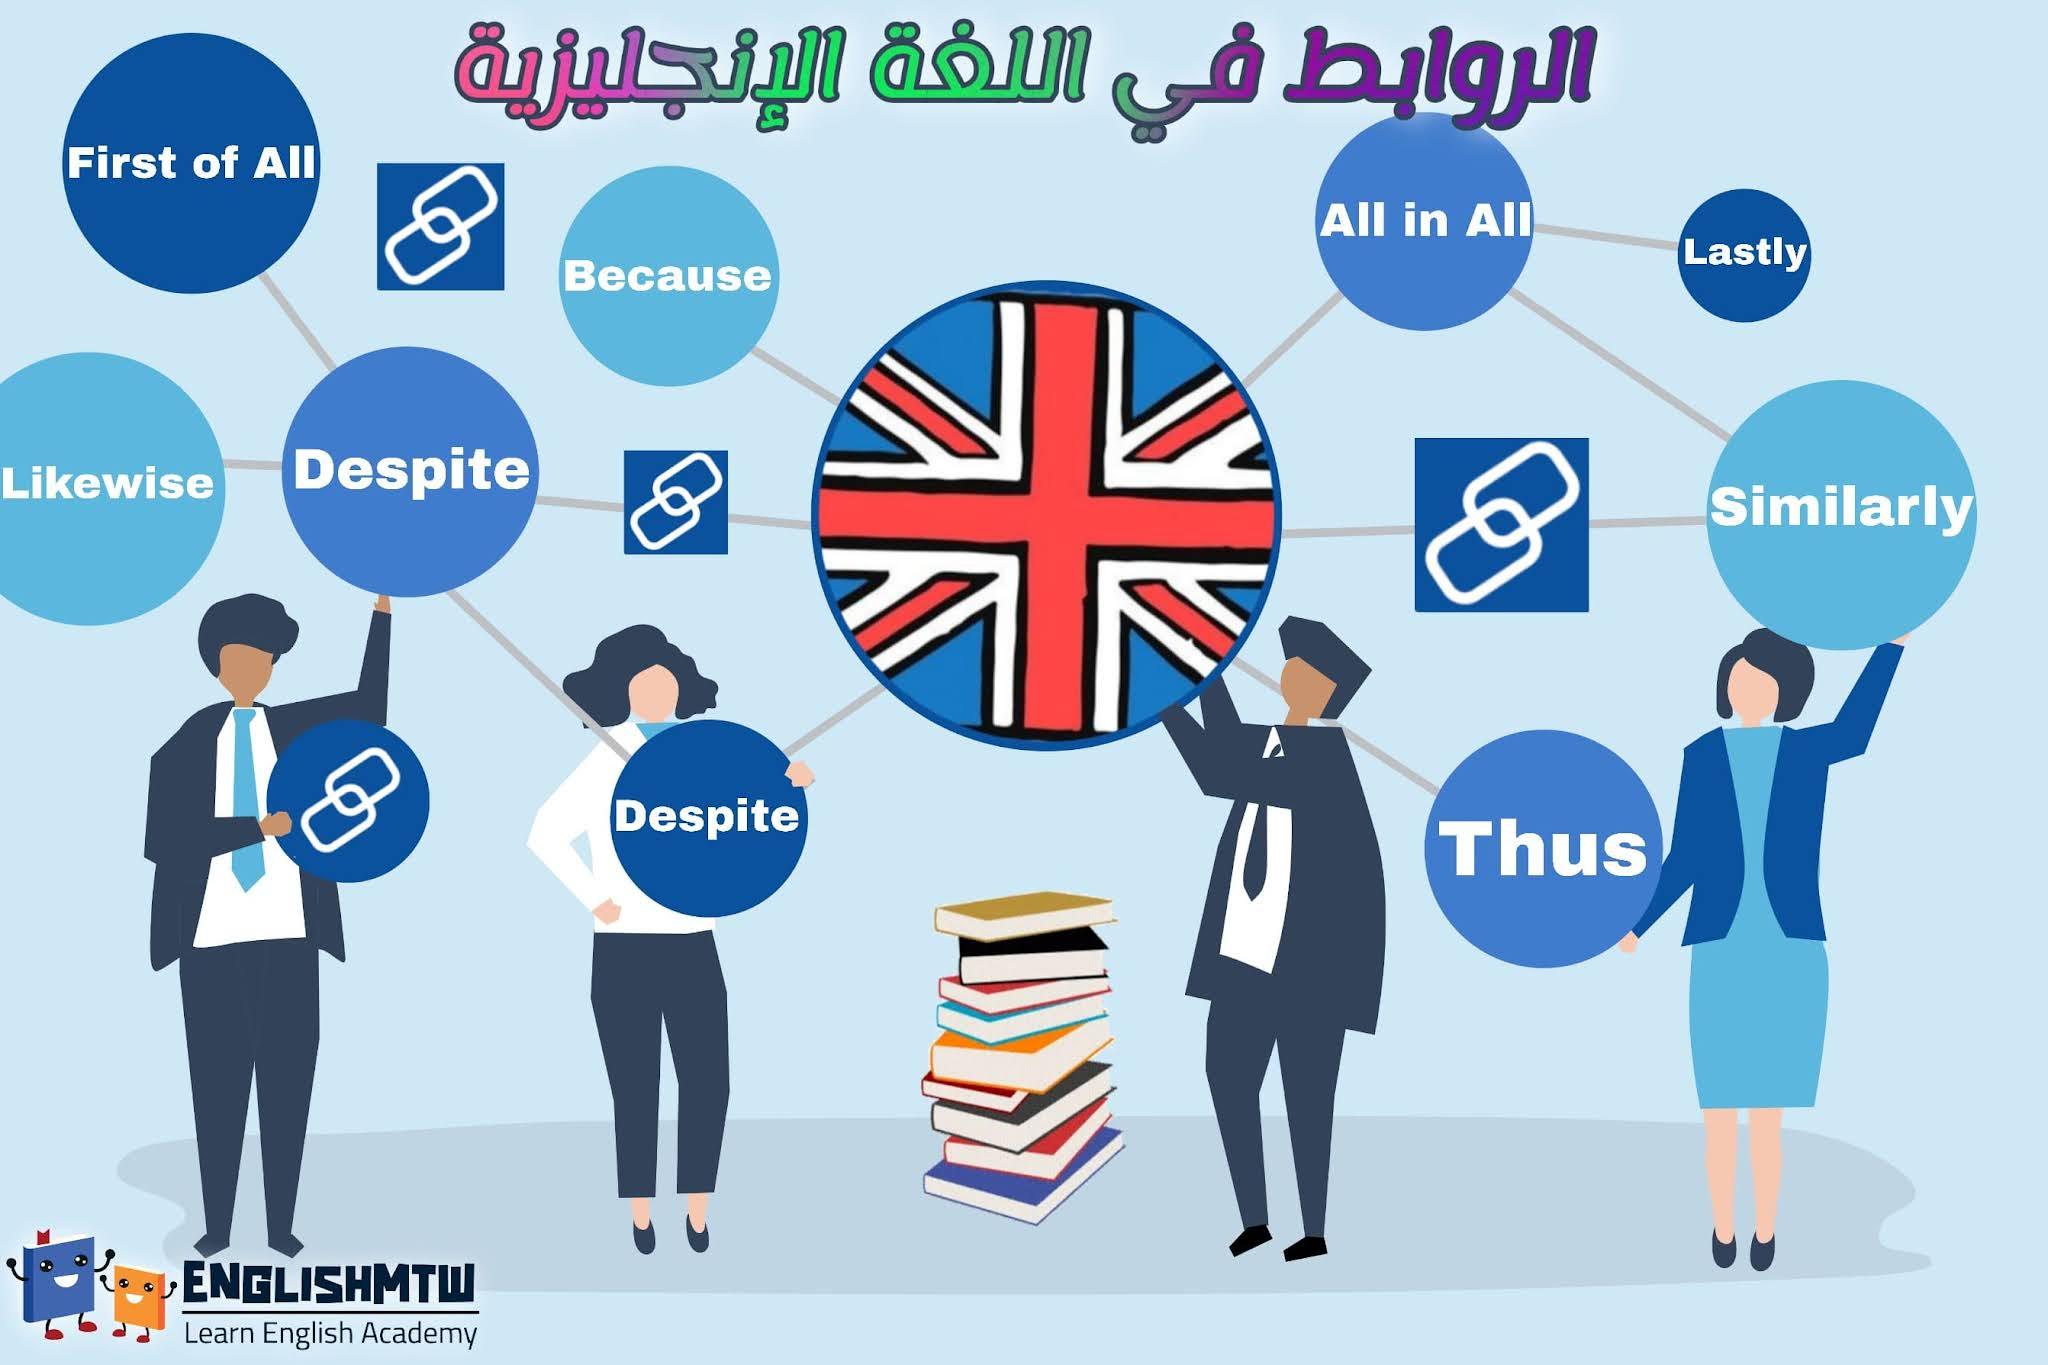 شرح كيفية استخدام ادوات الربط في اللغة الانجليزية